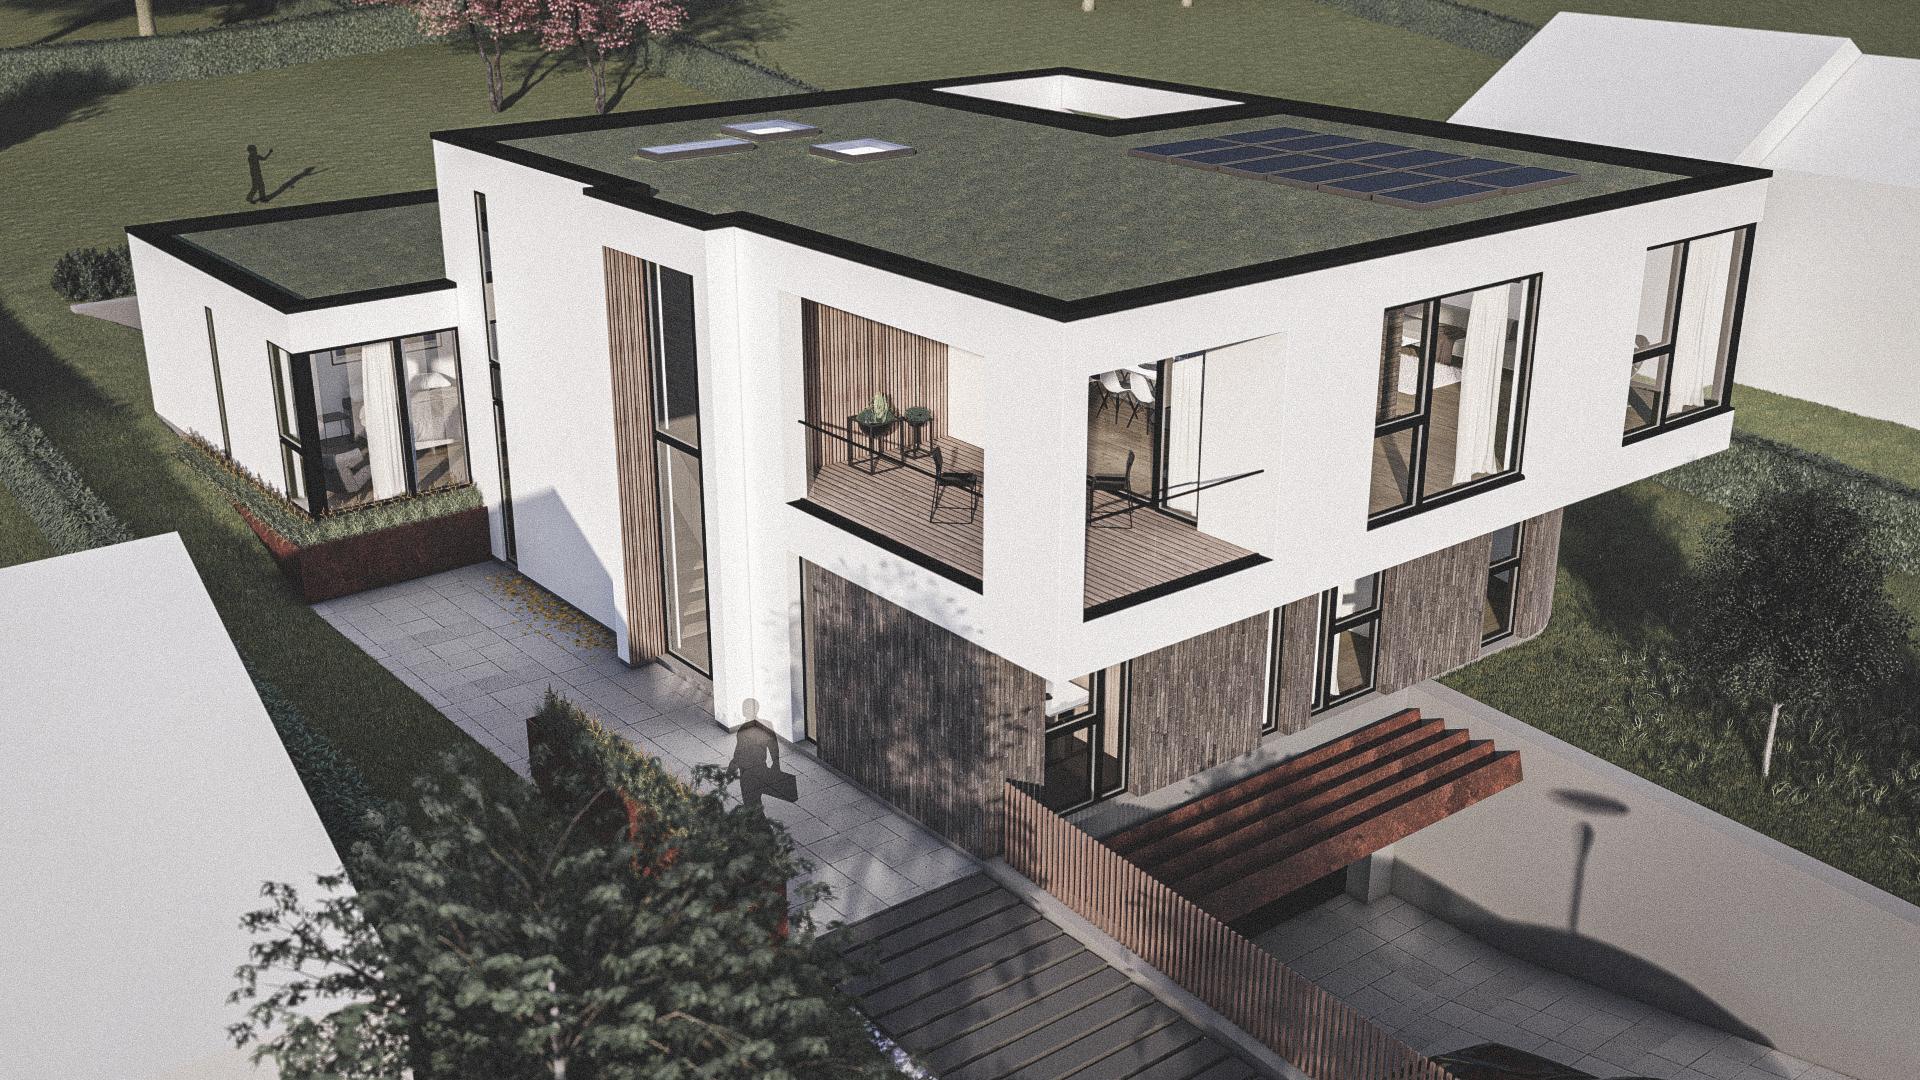 Billede af Dansk arkitekttegnet 3 plan villa af arkitektfirmaet m2plus, i Næstved på 379 kvartratmeter.